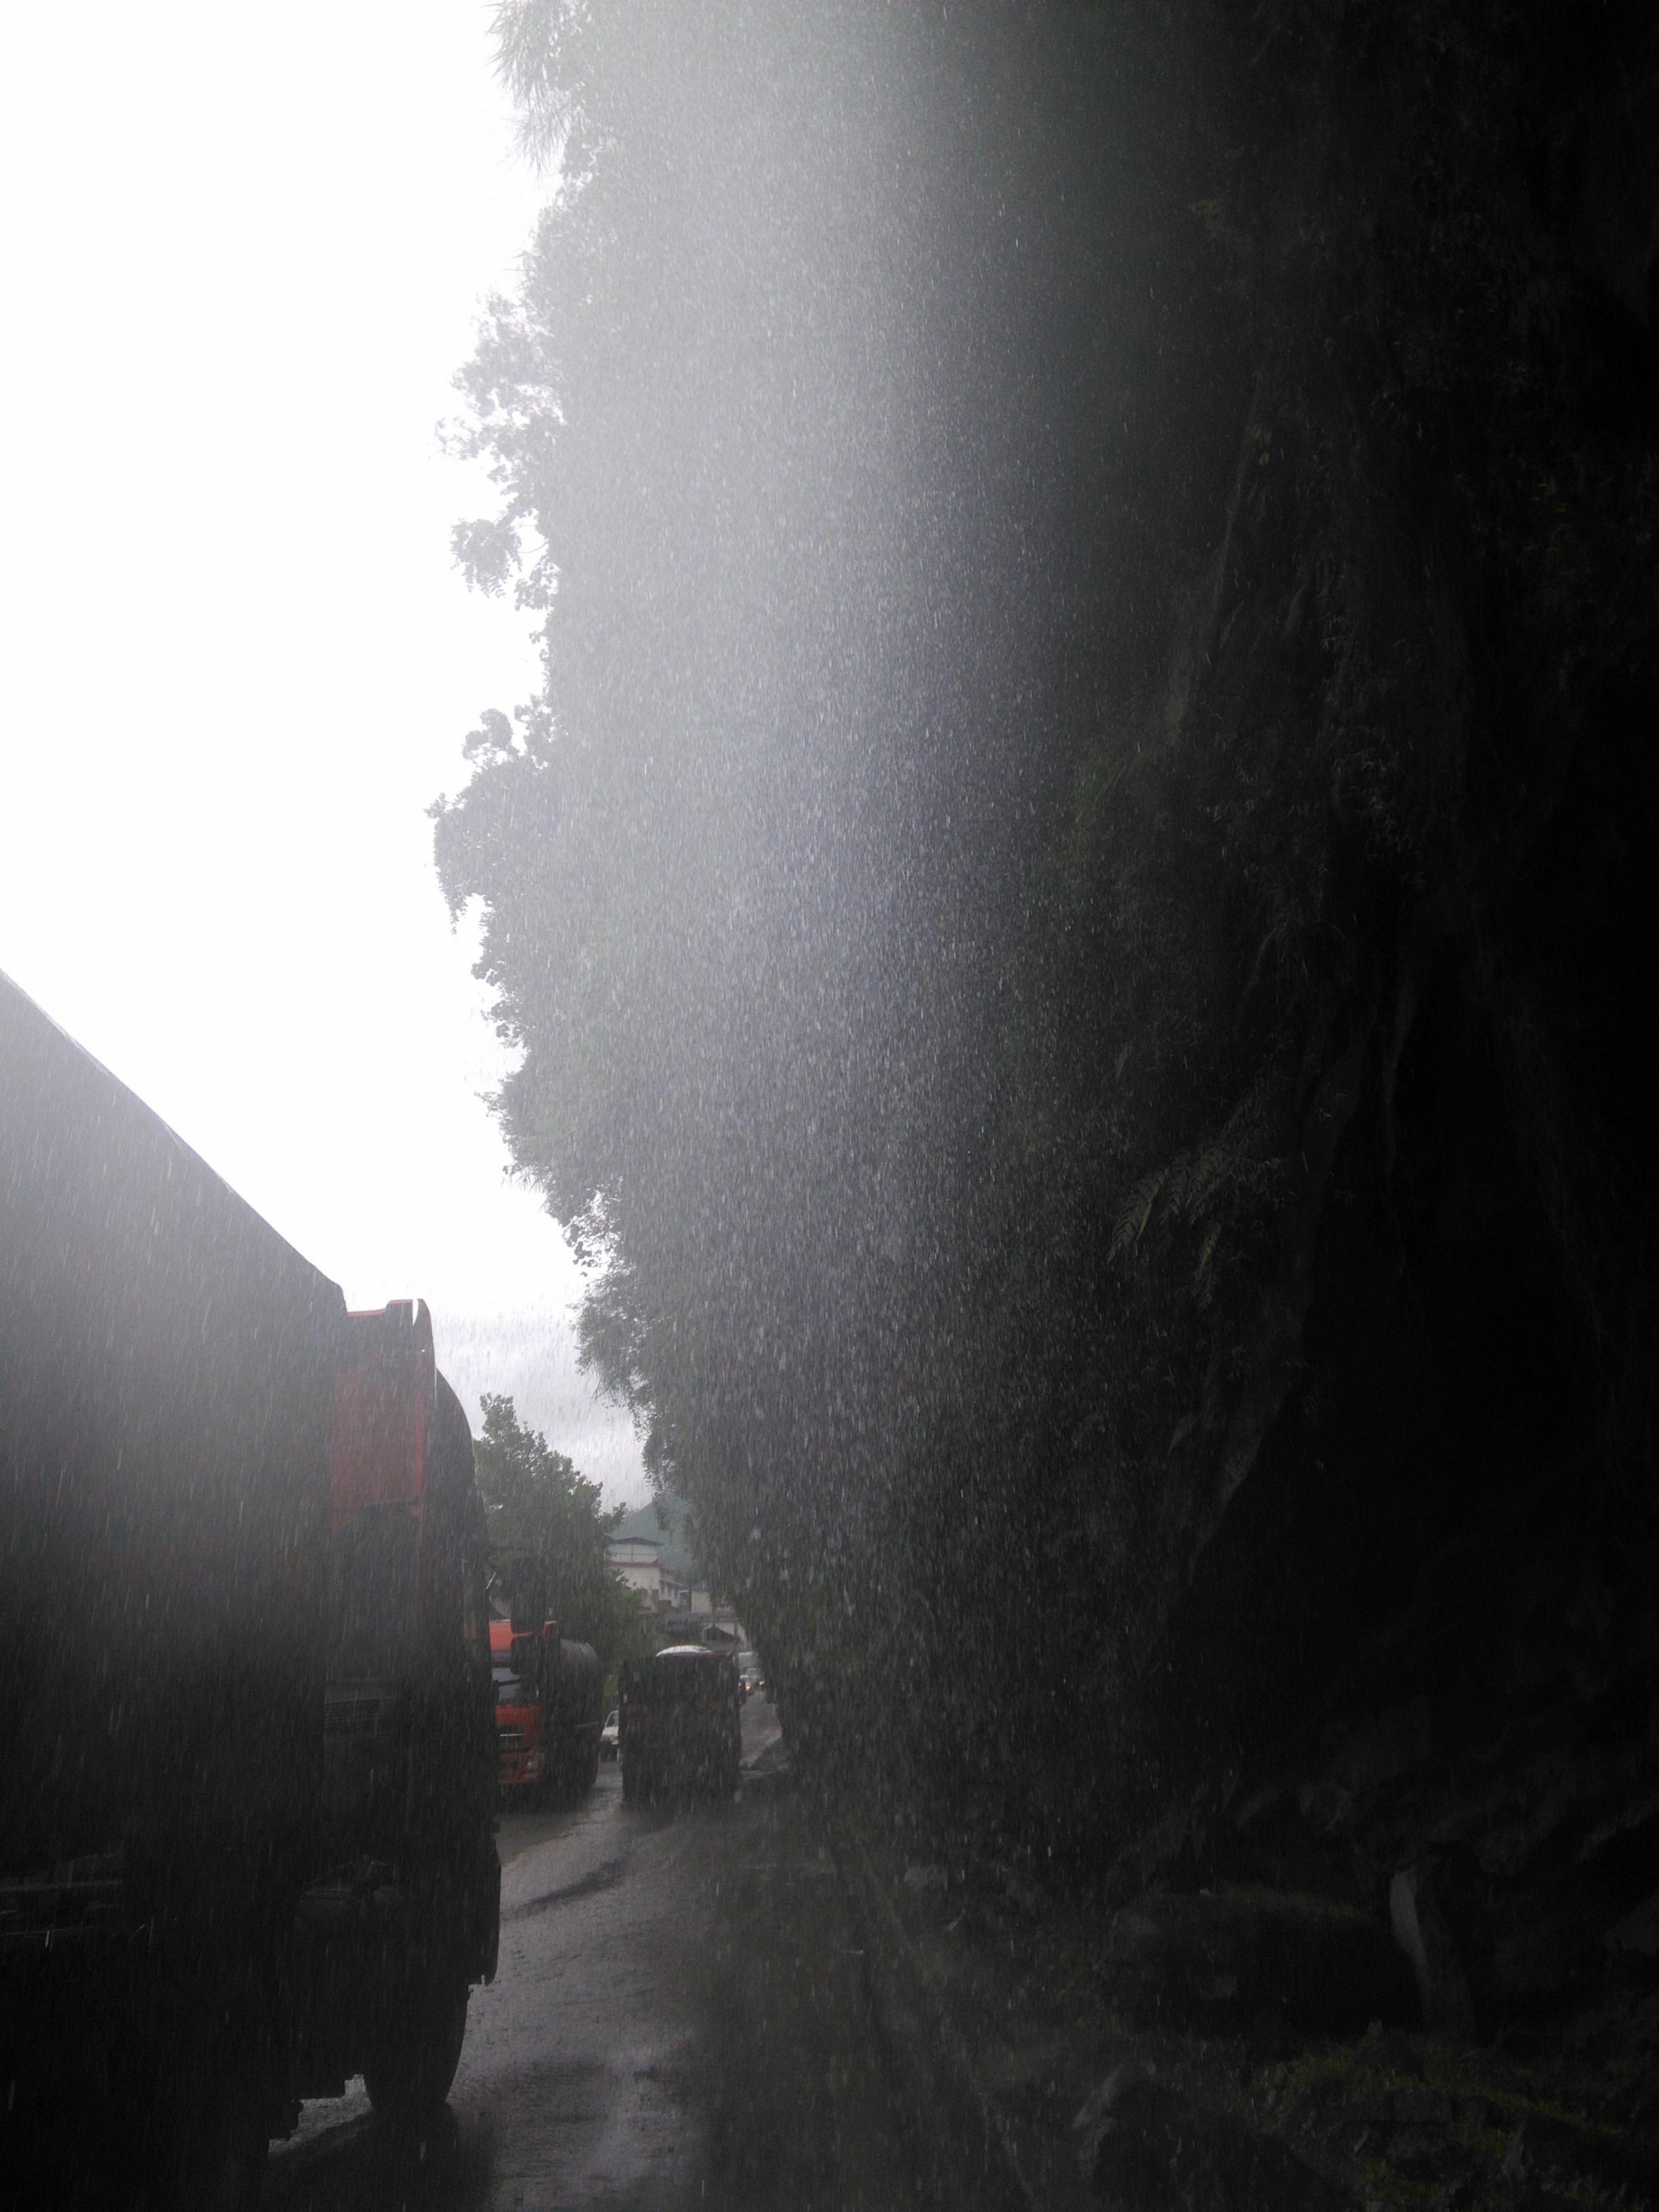 山上下下来的雨,俺称ta山雨:-)